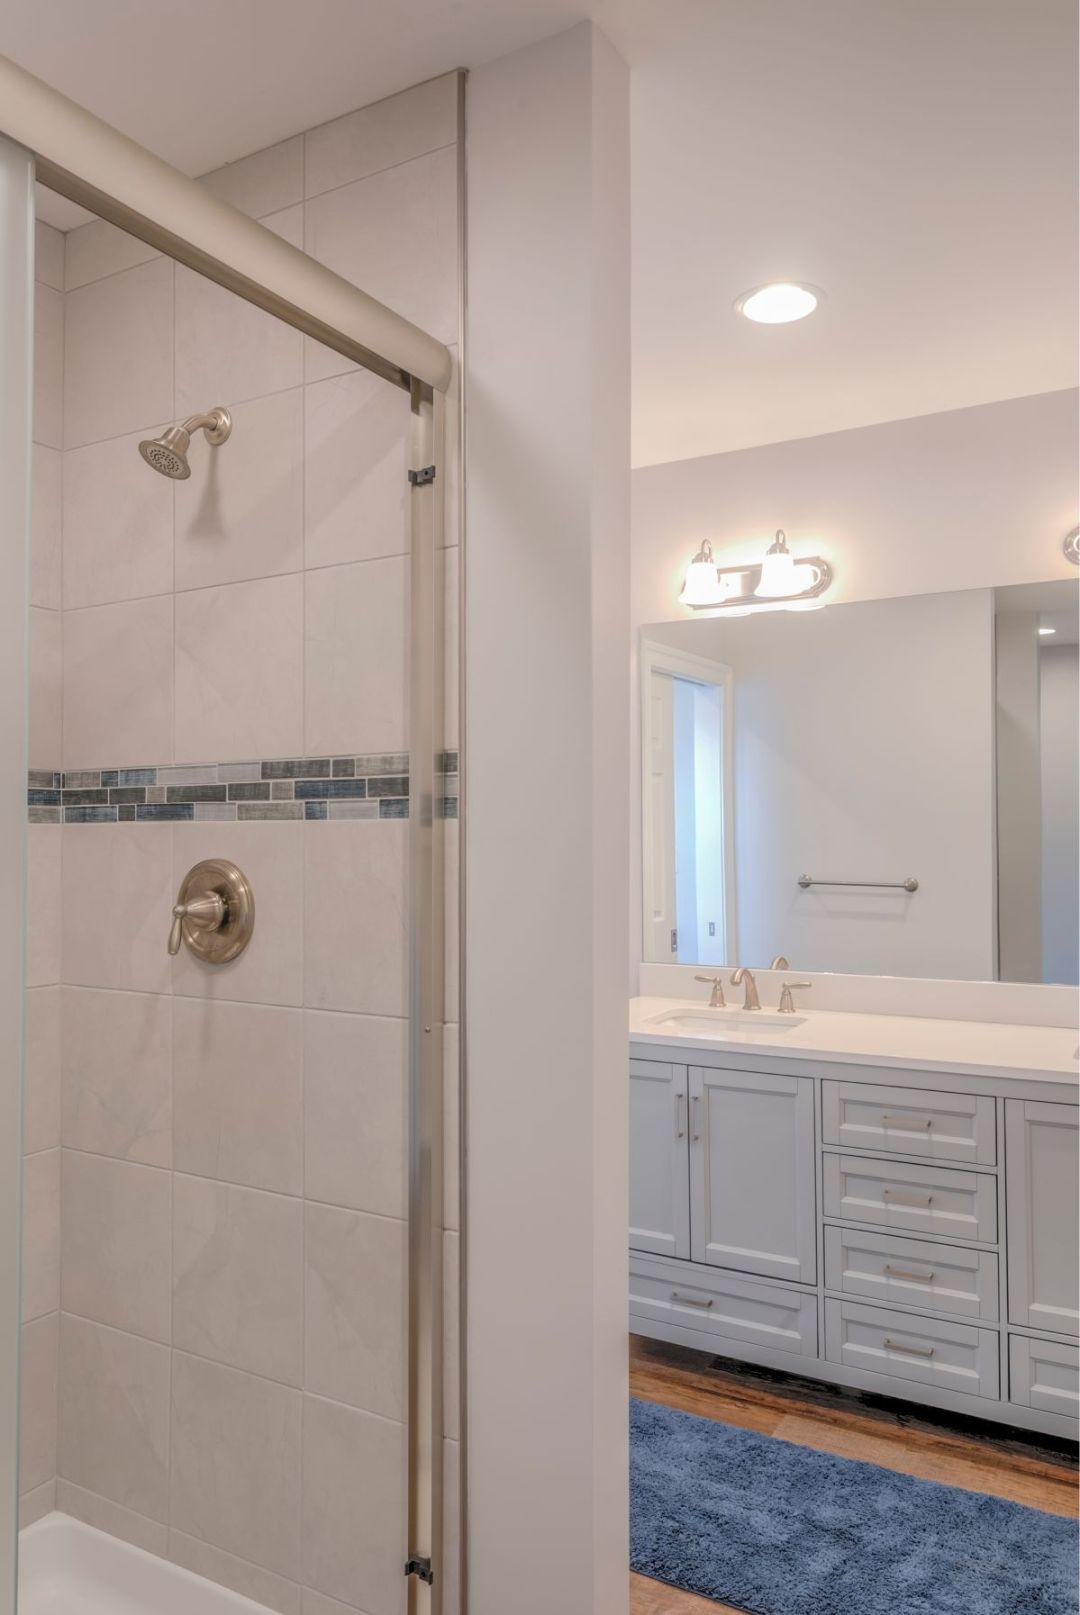 Bathroom Remodel in October Glory, Ocean View DE with Bevalo 12x12 Dove Tile